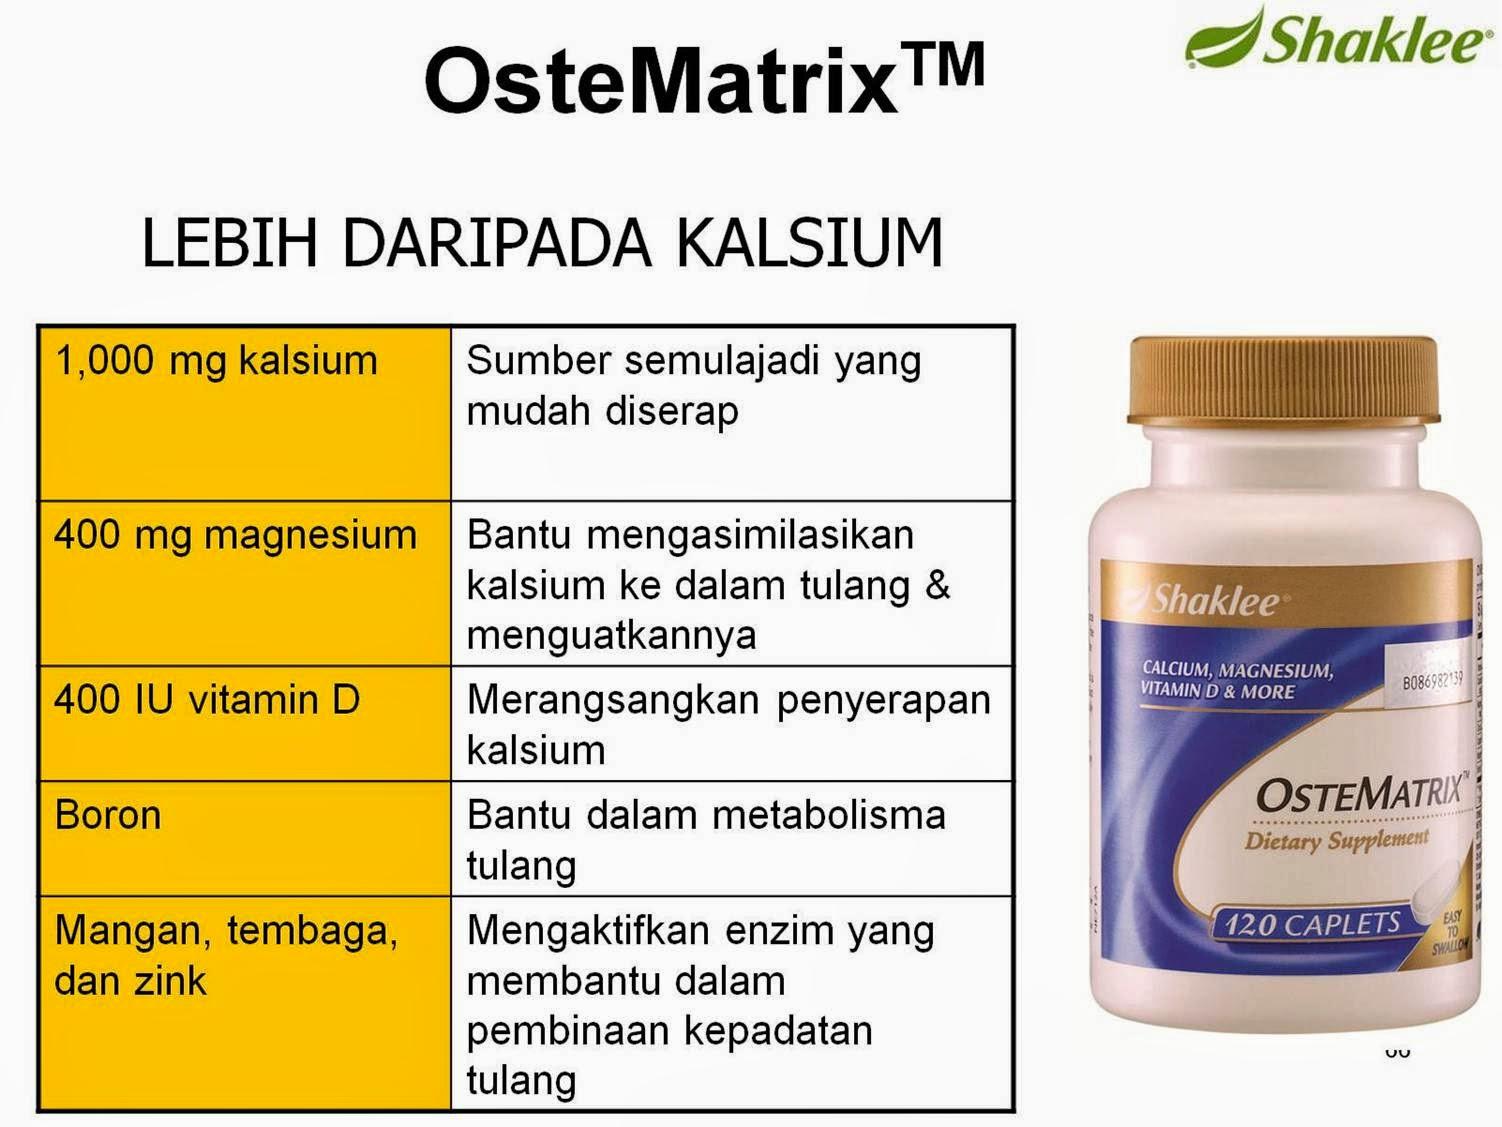 OsteMatrix membekalkan nutrien-nutrien harian termasuk kalsium yang dapat membantu dalam pembentukan dan penjagaan tulang dan gigi.